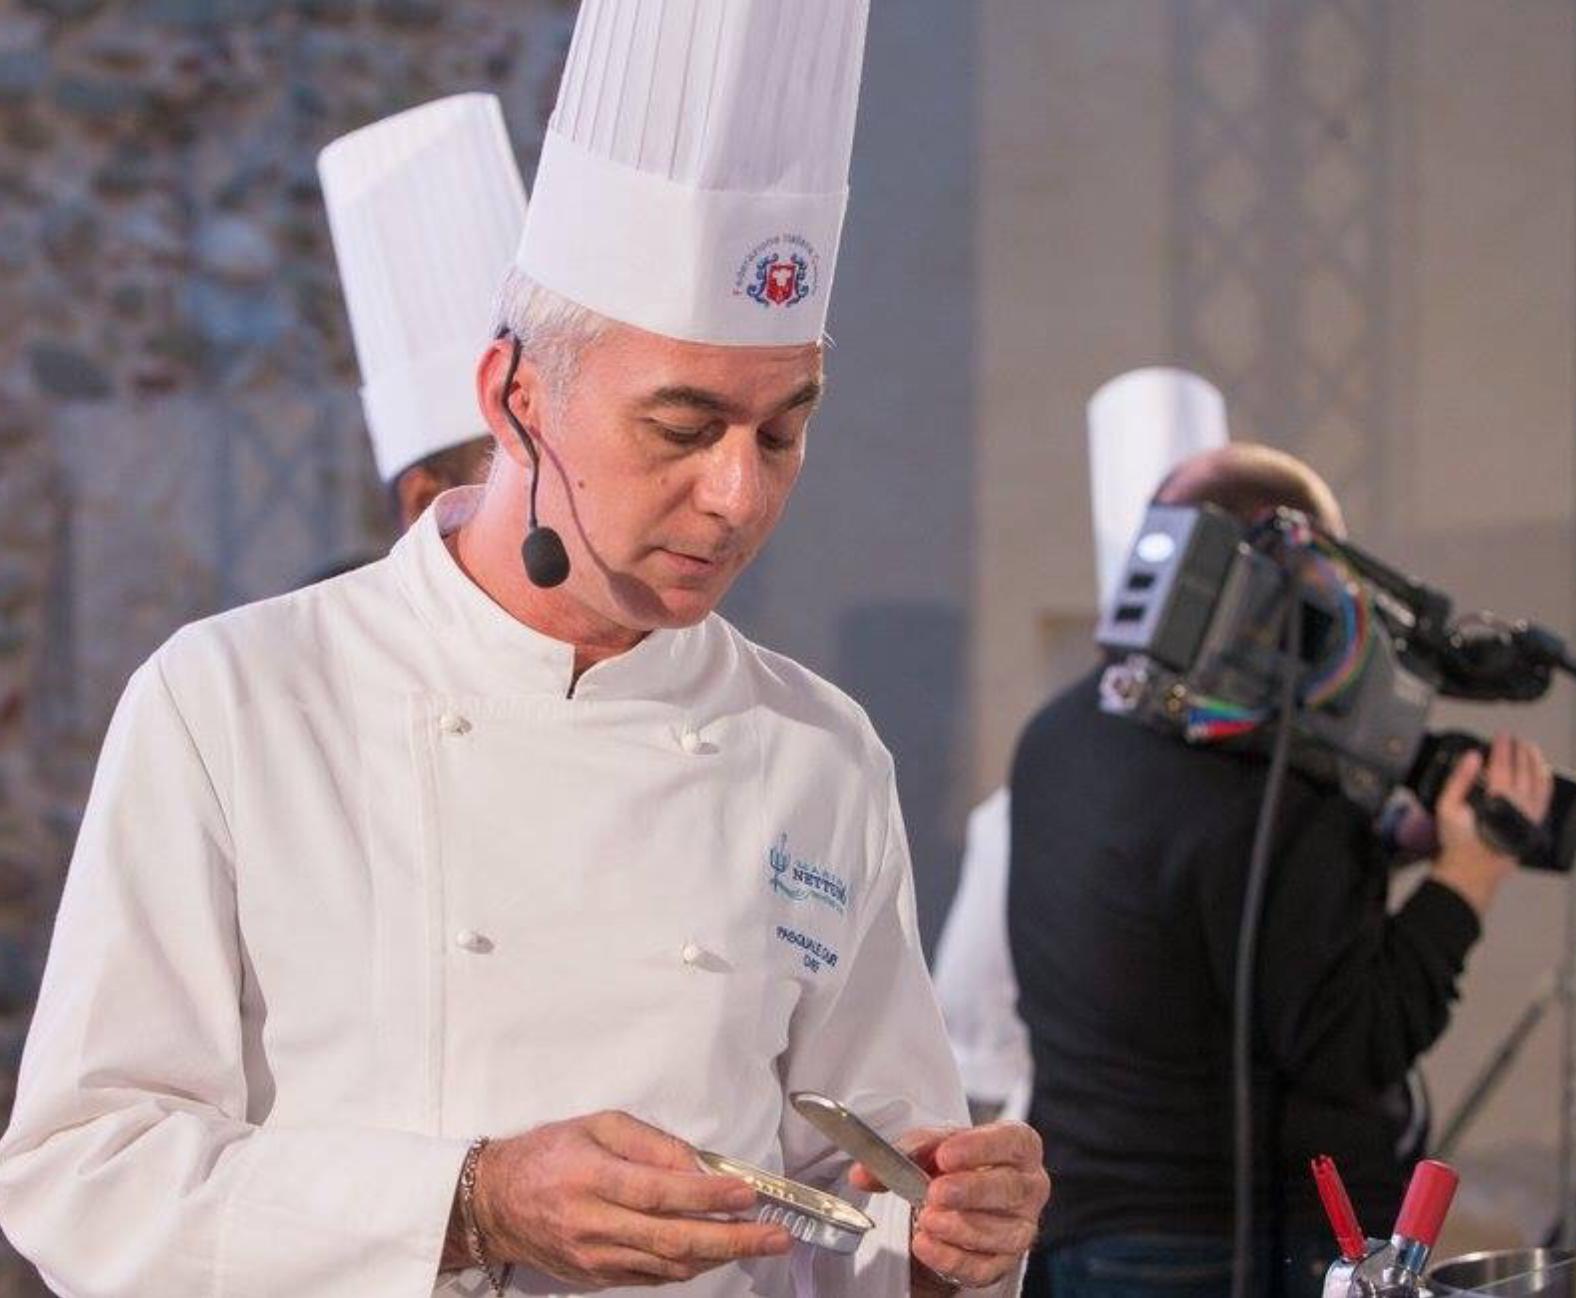 Chef Pasquale Caliri ad Expocook con una ricetta che parlerà siciliano